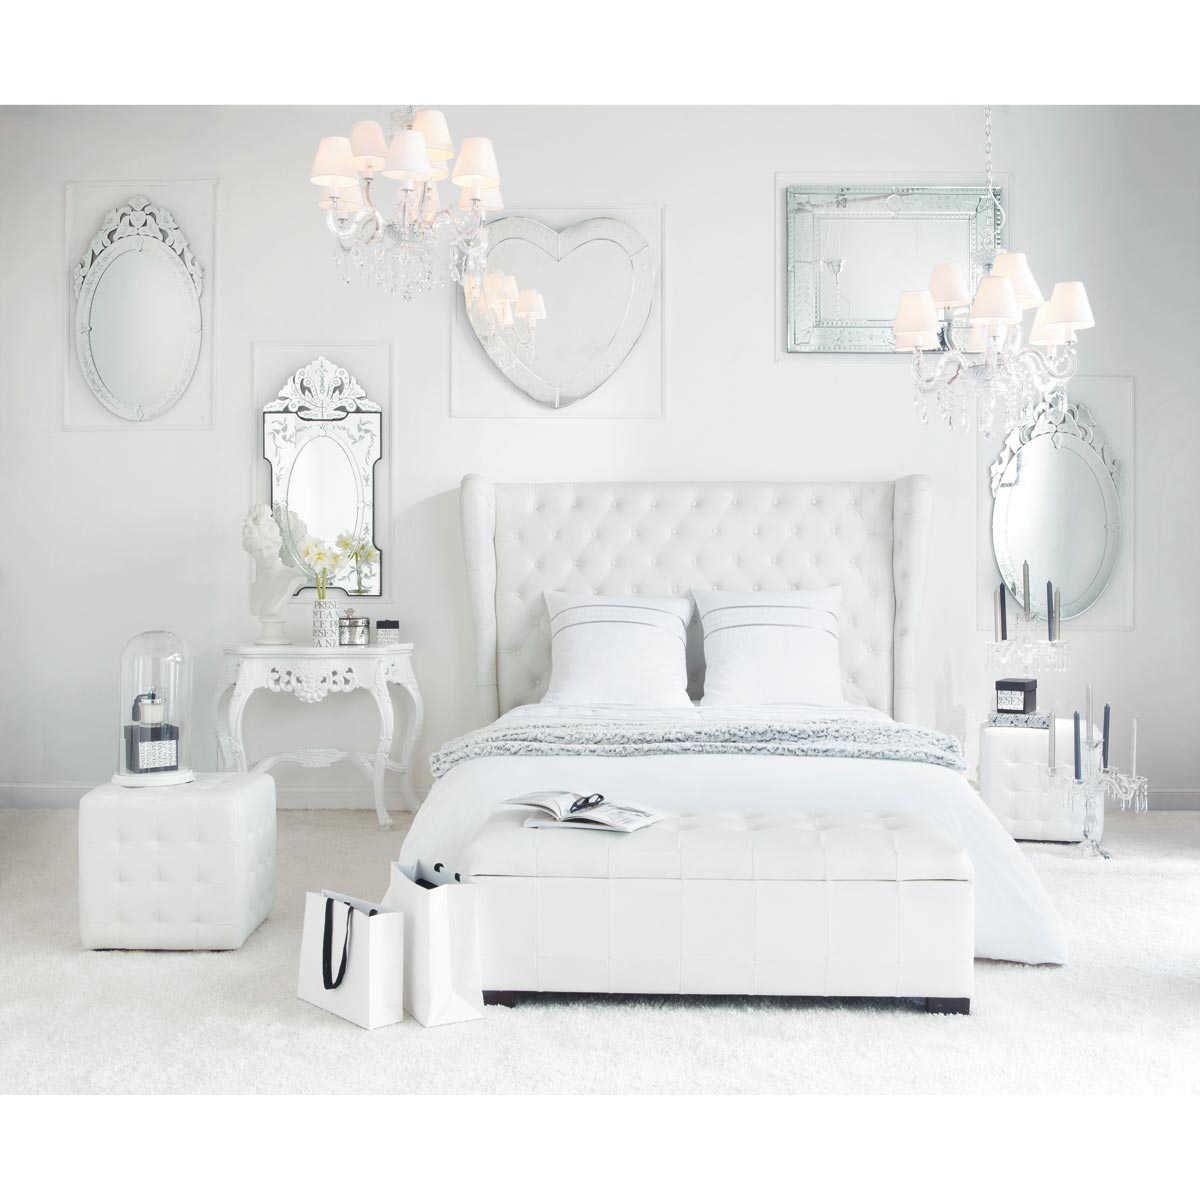 Pie de cama en blanco An. 20 cm  Maisons du Monde  Mobilier de